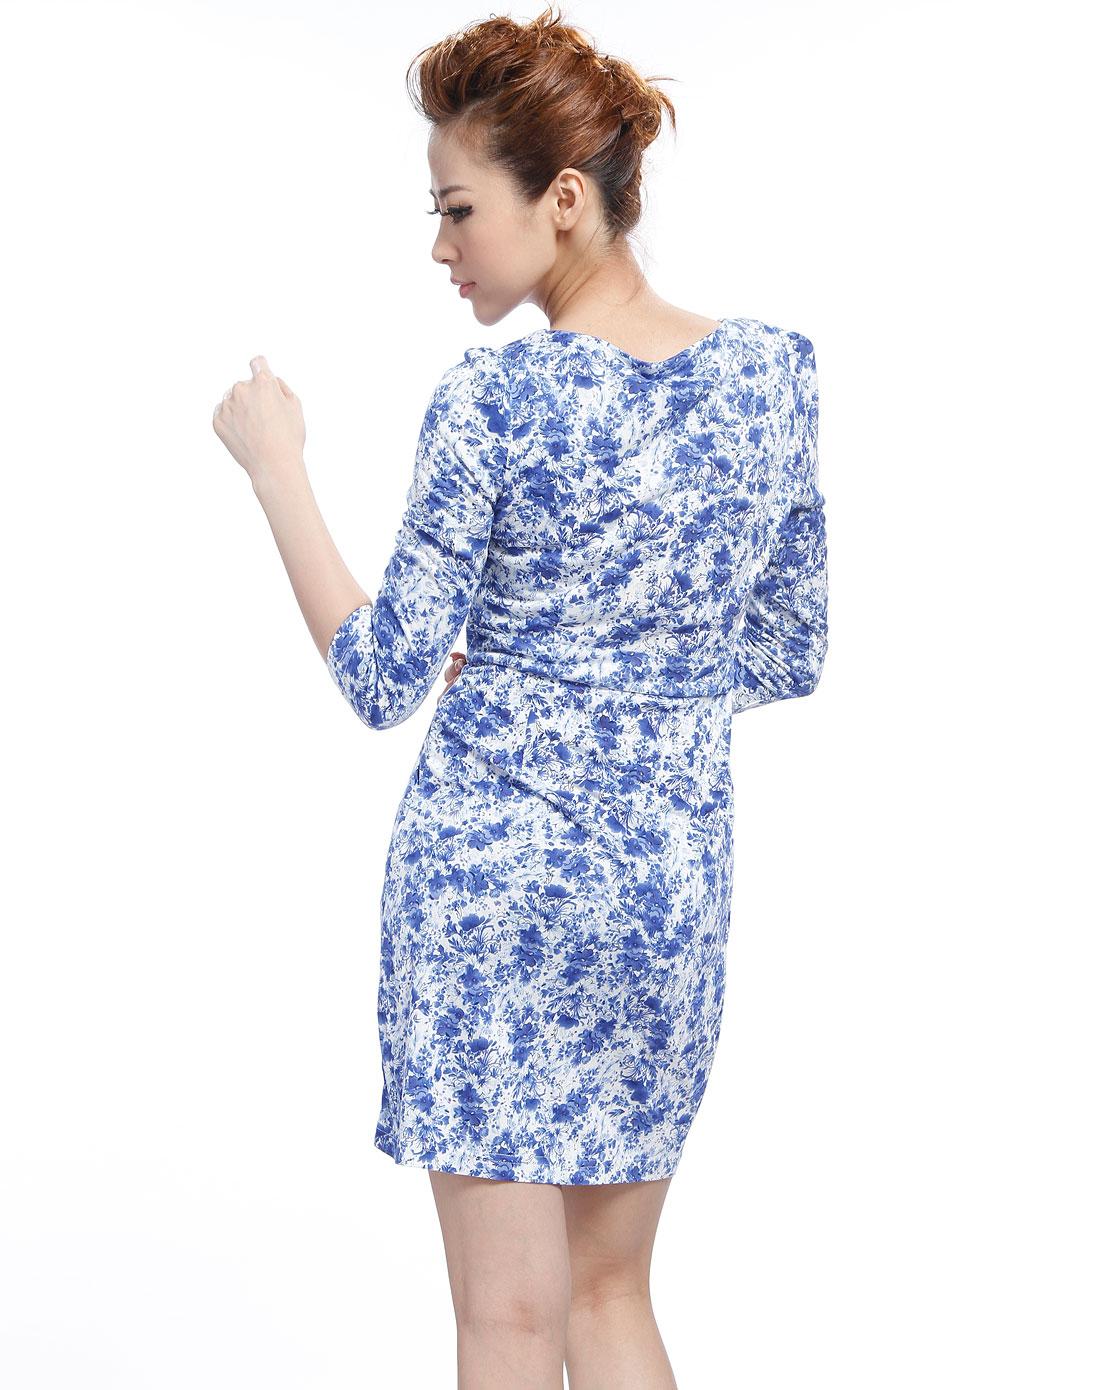 白/蓝色小碎花长袖针织连衣裙